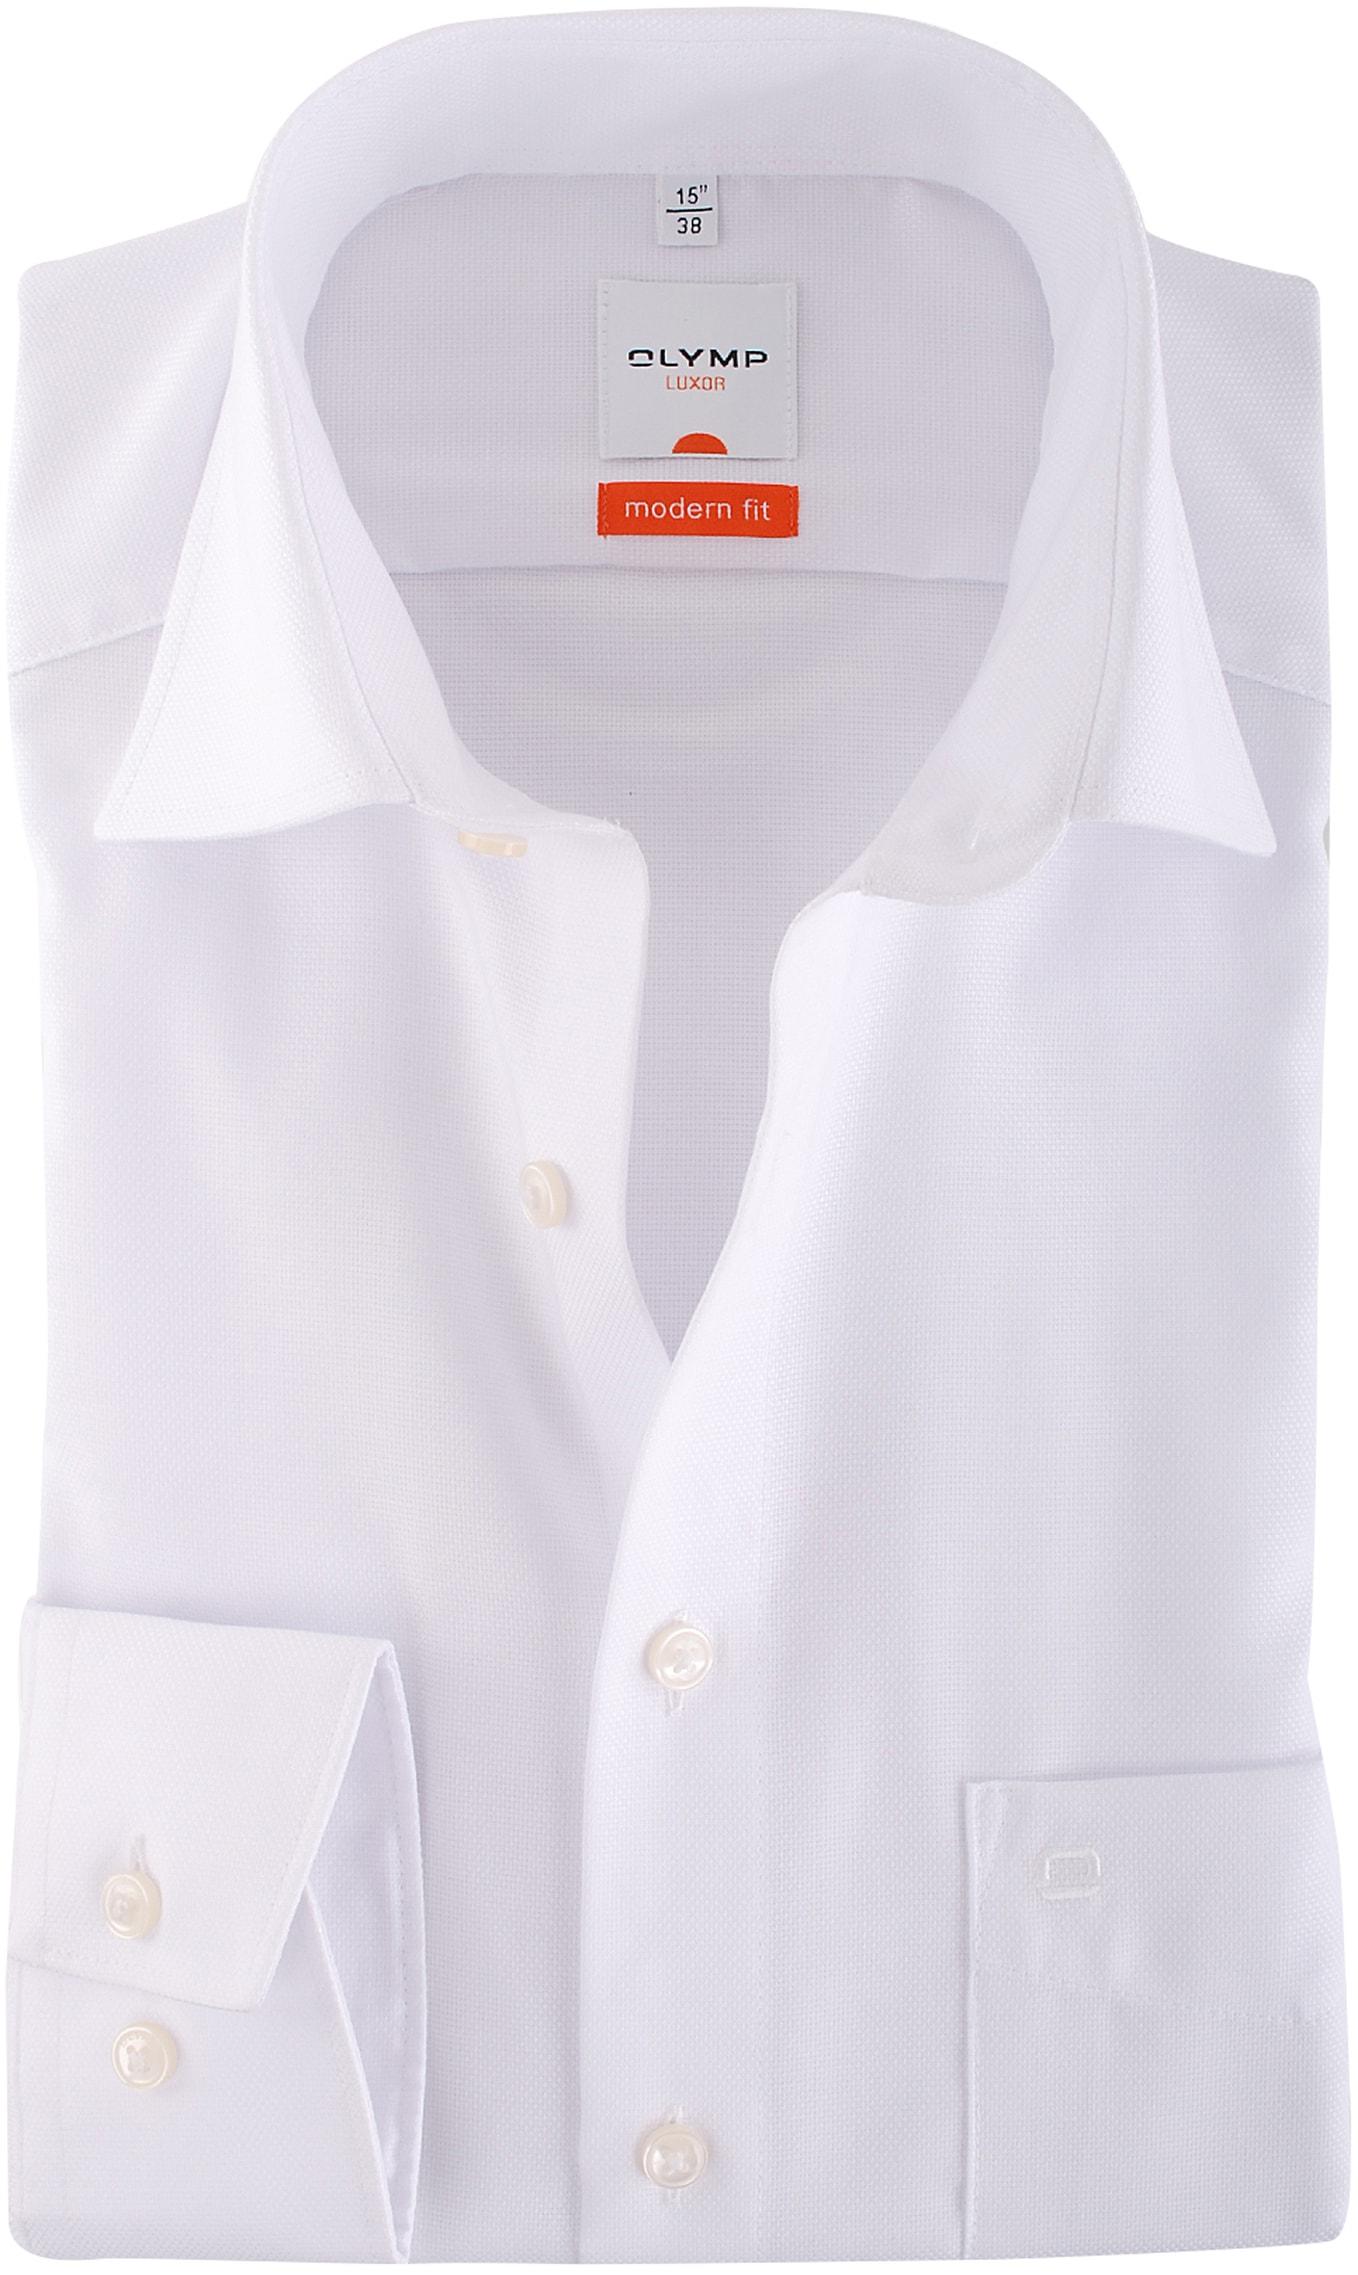 olymp luxor shirt modern fit wit. Black Bedroom Furniture Sets. Home Design Ideas